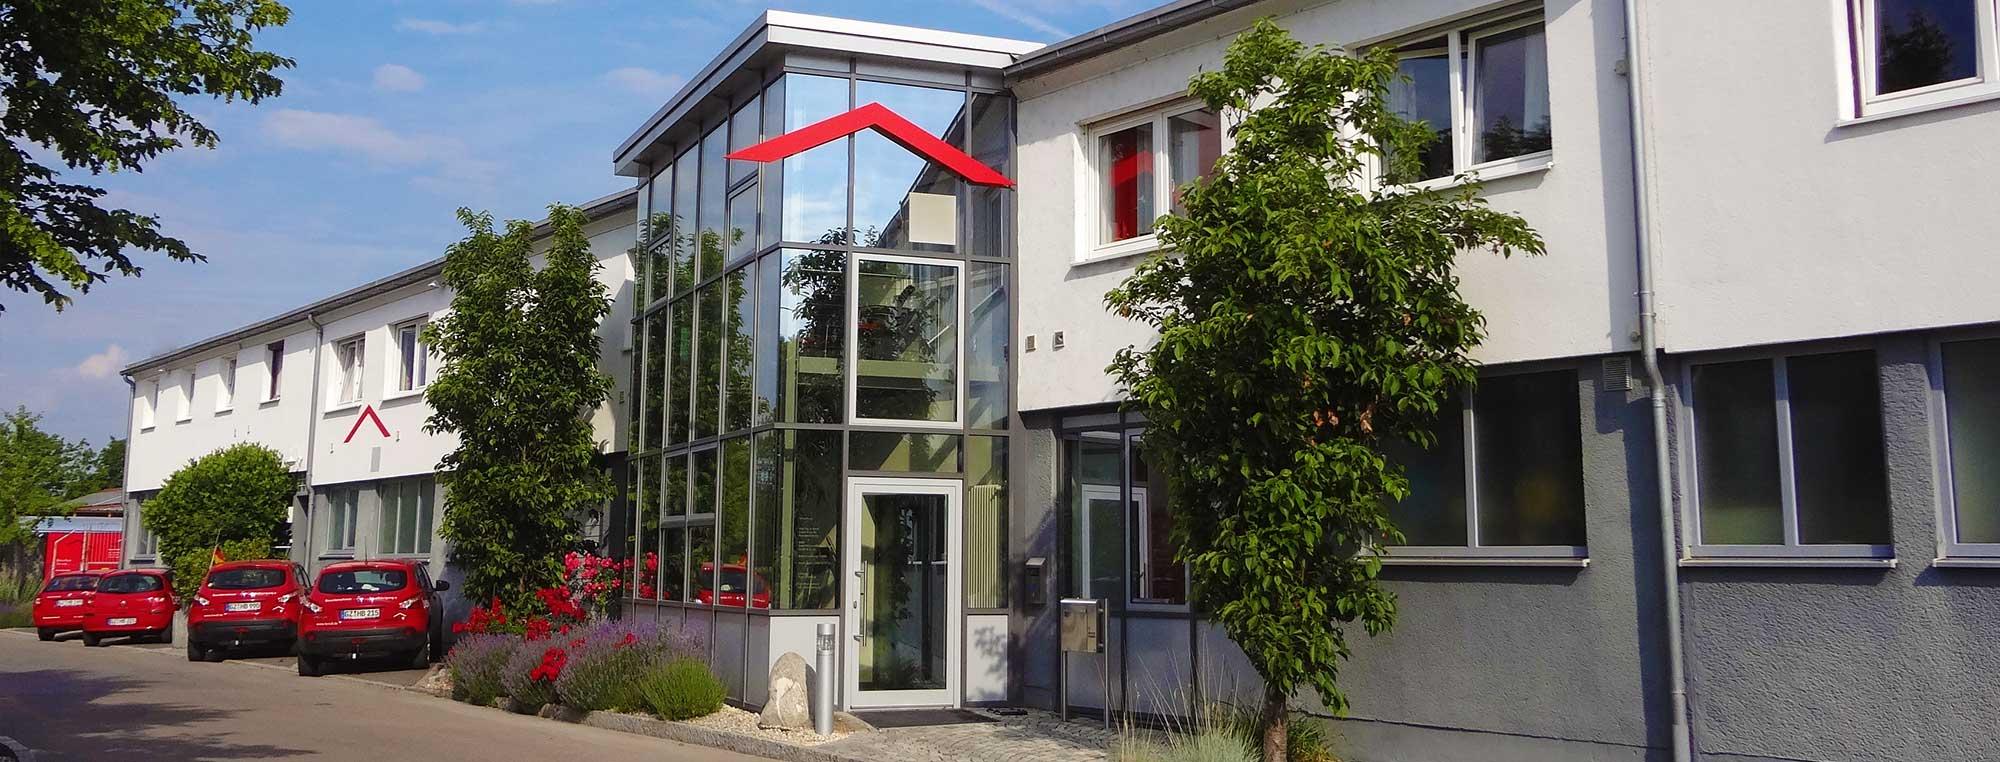 Das Bauunternehmen bendl in Günzburg